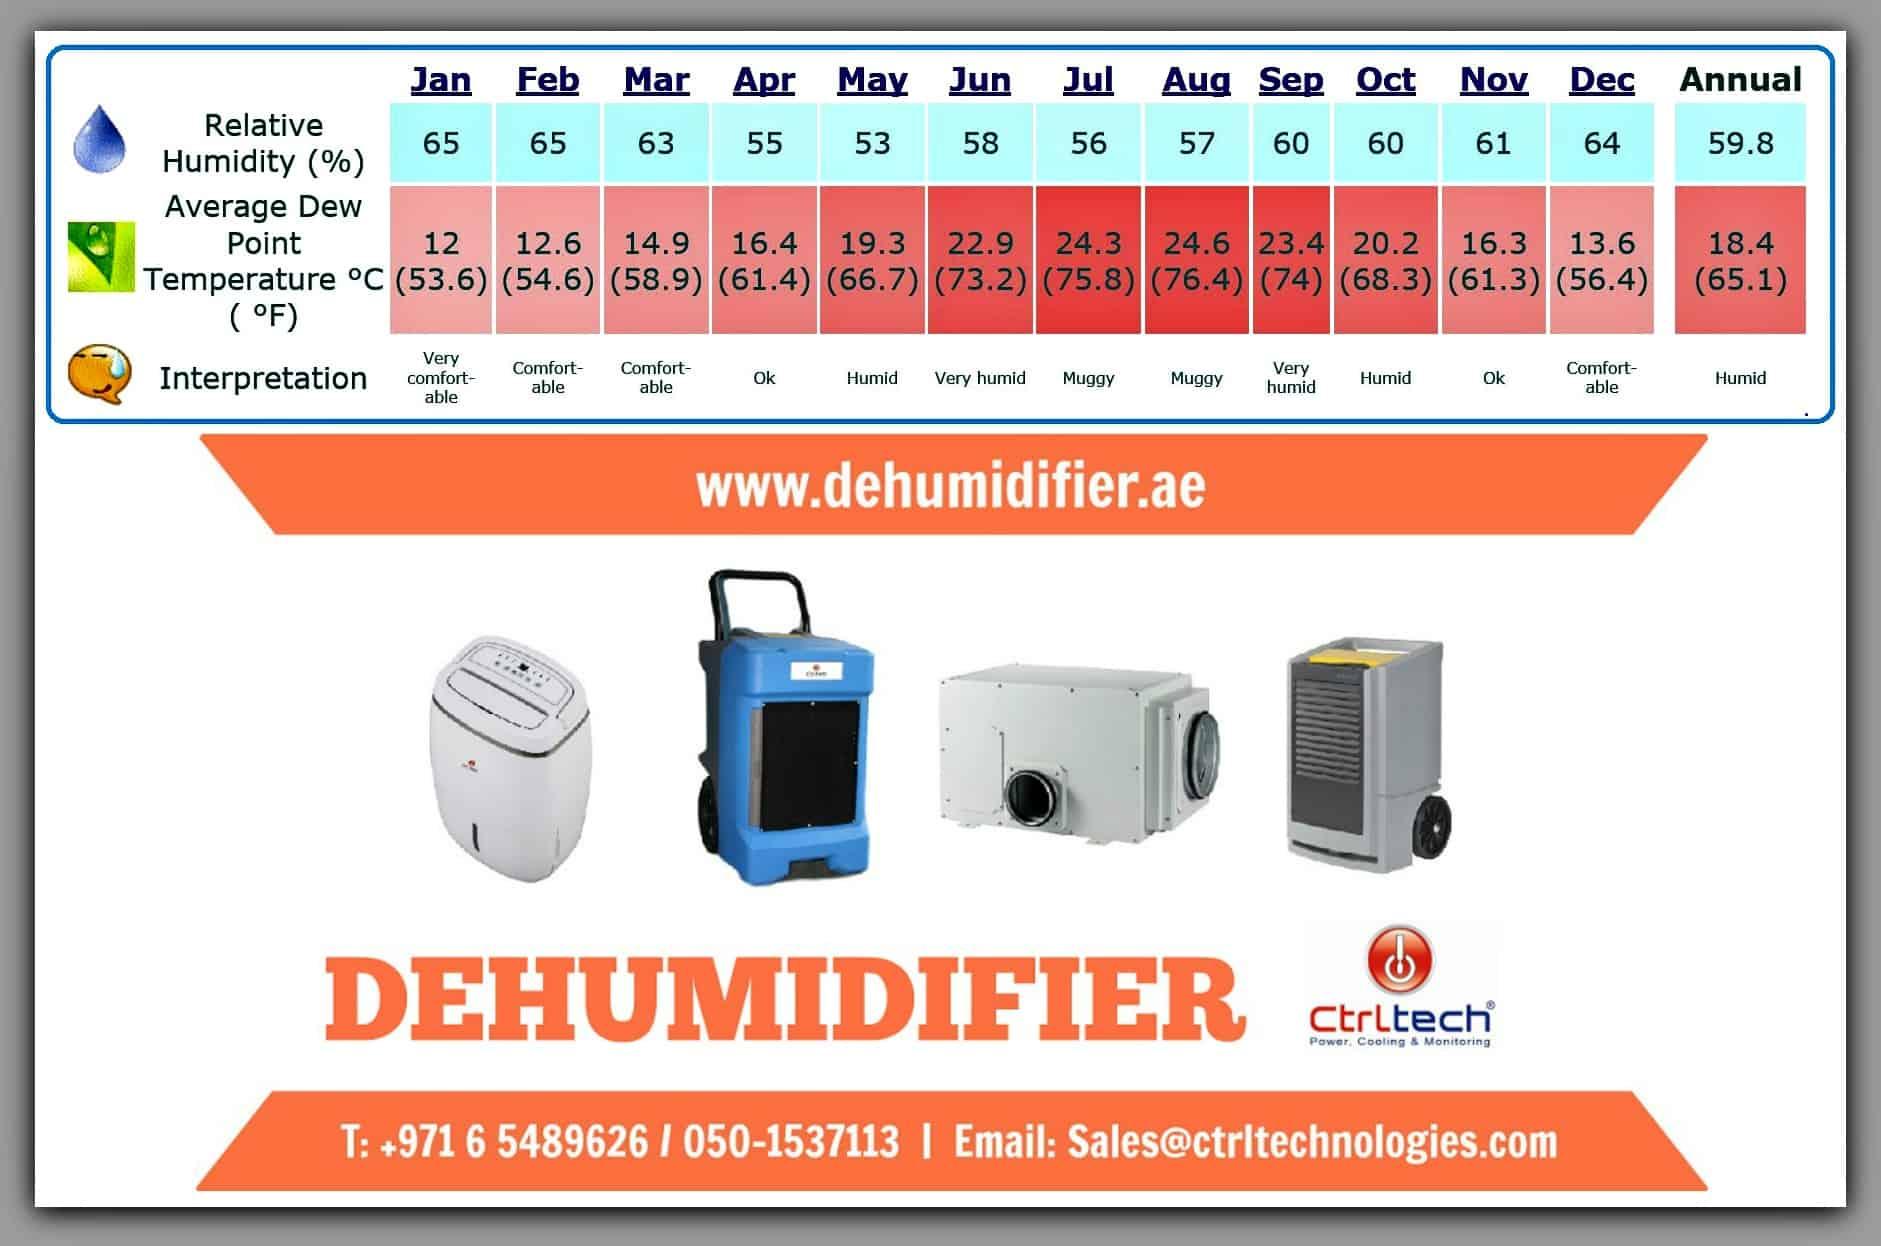 Dehumidifiers supplier in UAE, Dubai, Abu Dhabi, Sharjah, Al Ain and Fujairah.